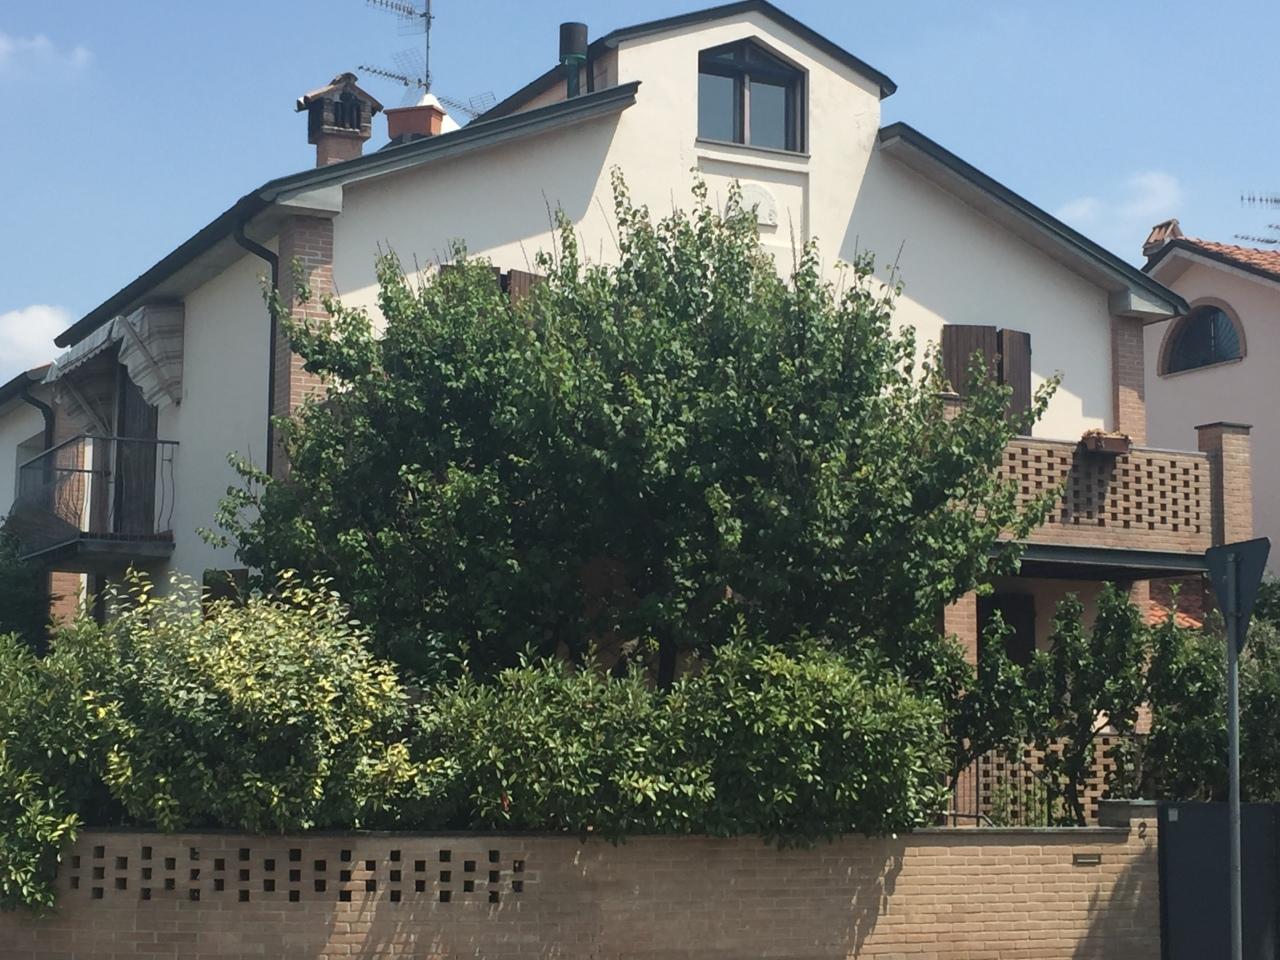 Villa in vendita a Parma, 8 locali, prezzo € 390.000 | Cambio Casa.it